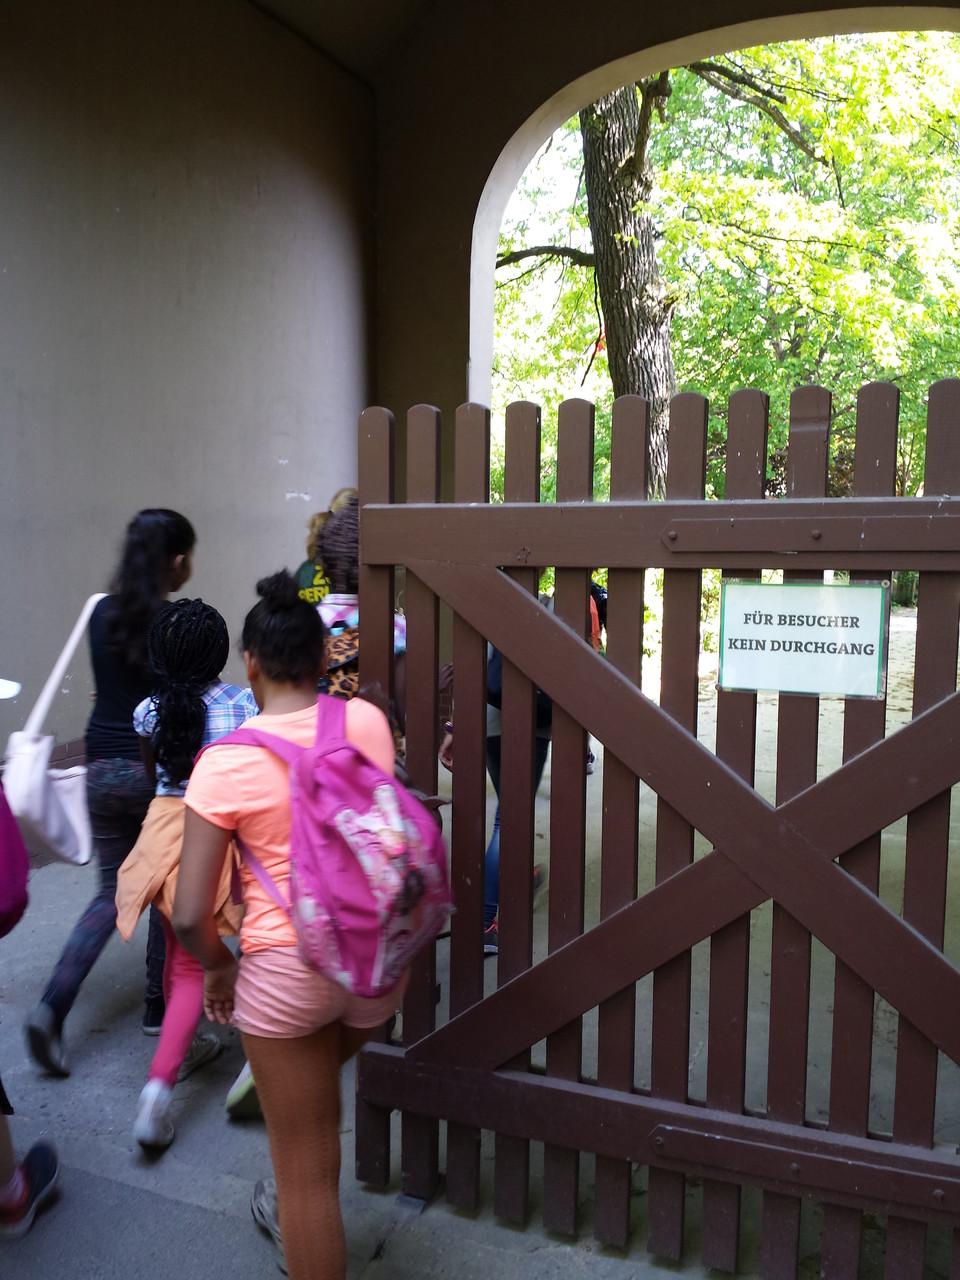 Für Besucher kein Durchgang